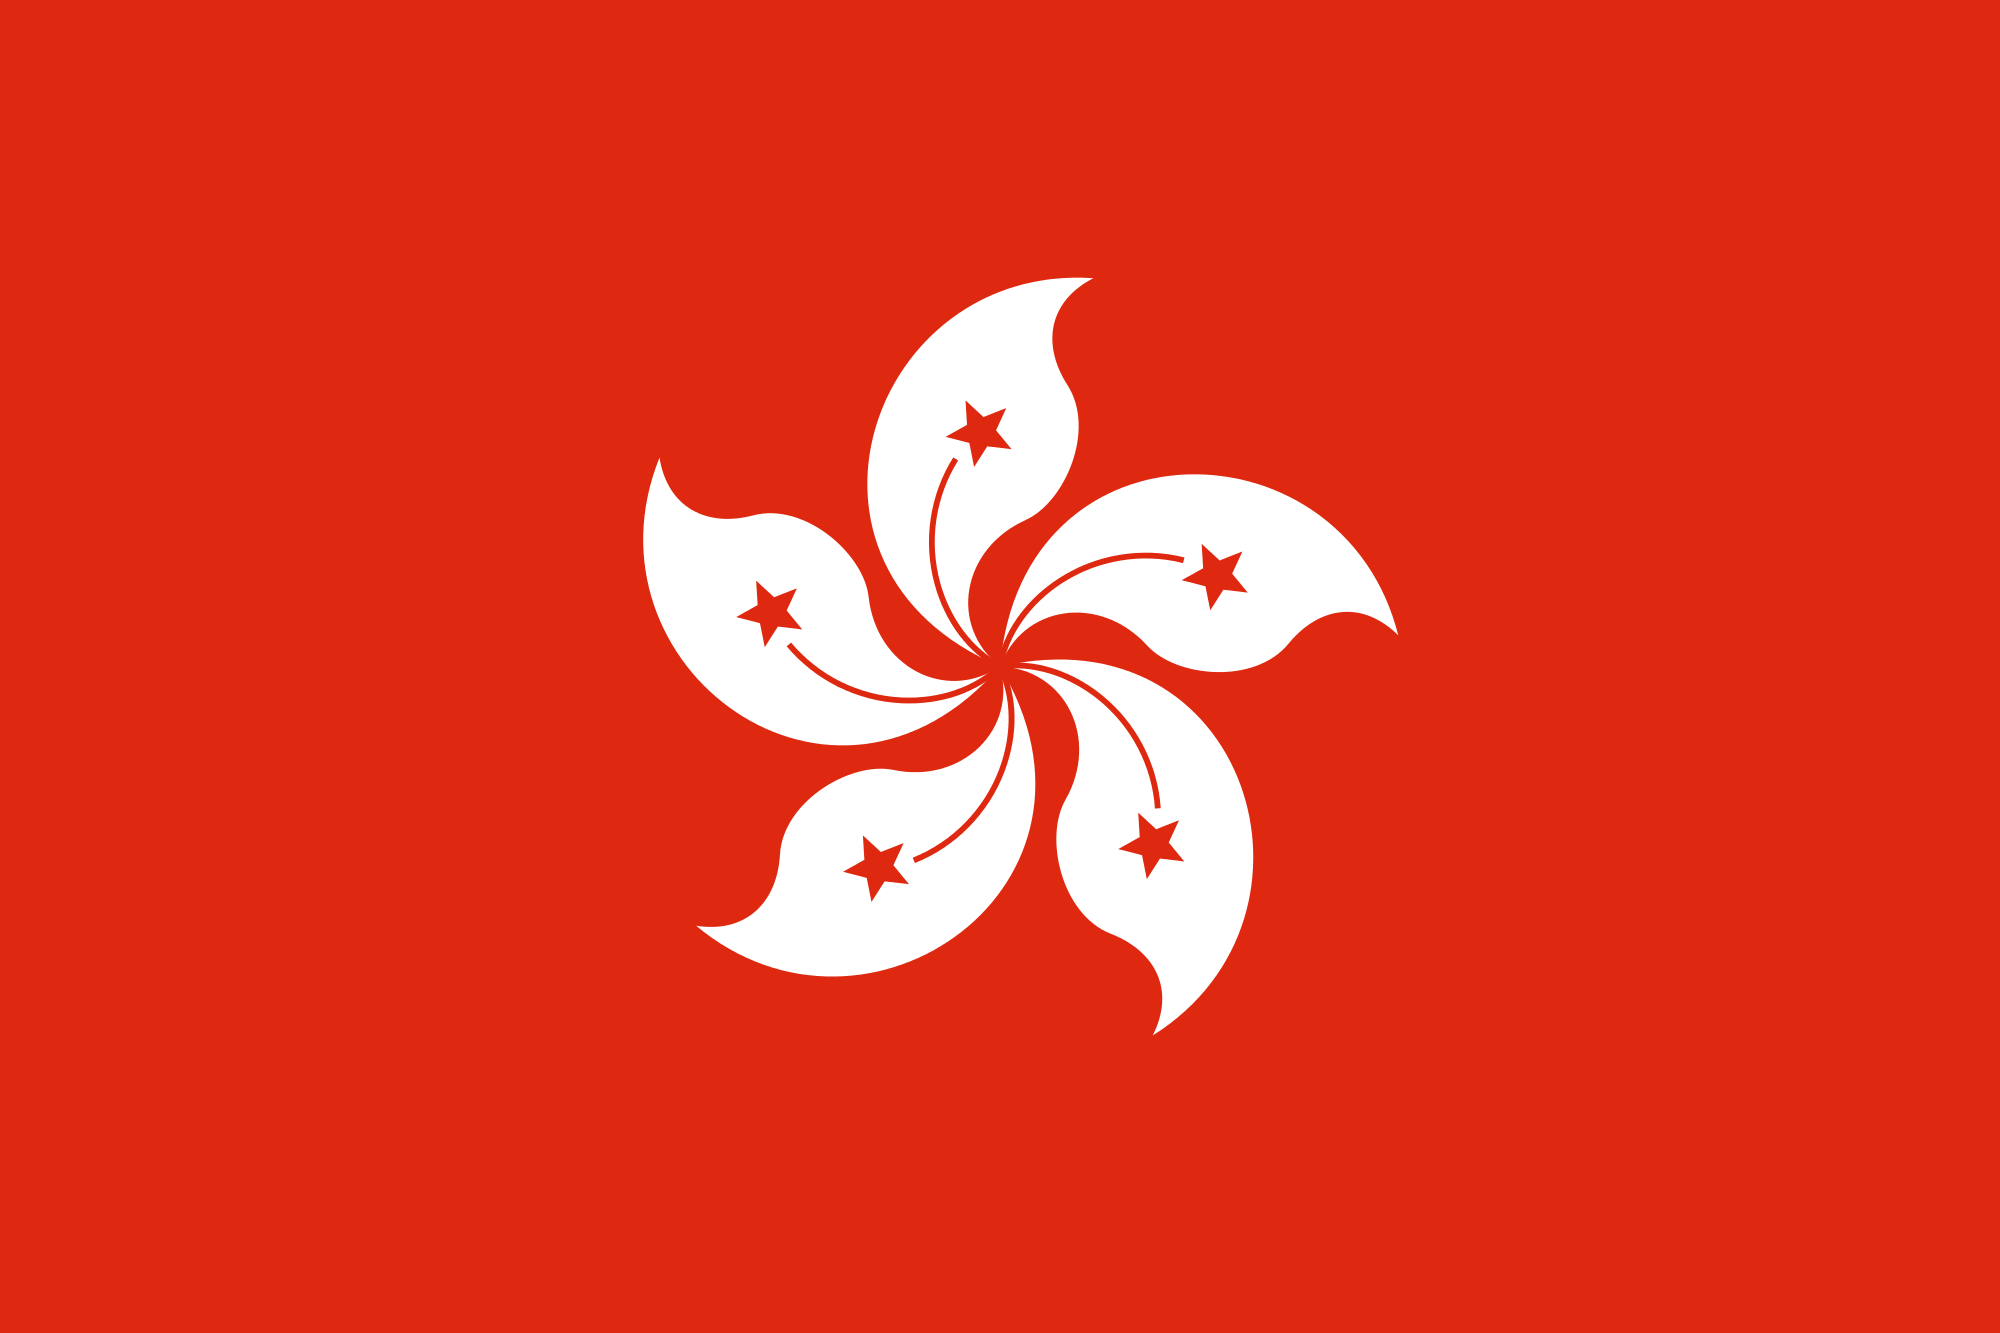 Гонконг, страна, Эмблема, логотип, символ - Обои HD - Профессор falken.com